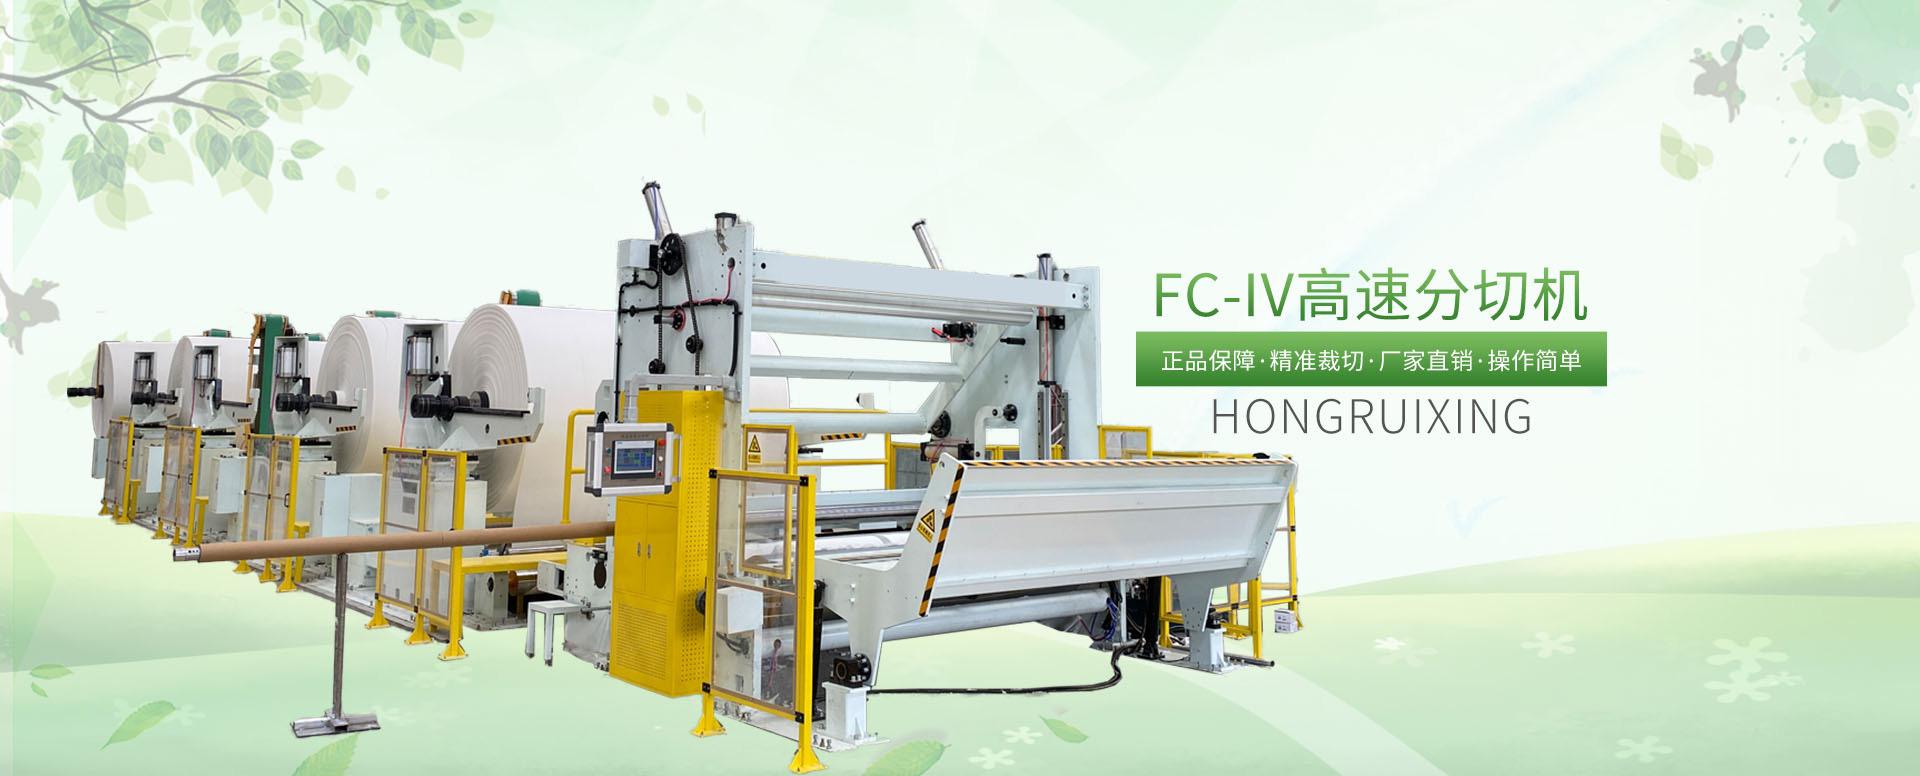 FC-IV高速分切机